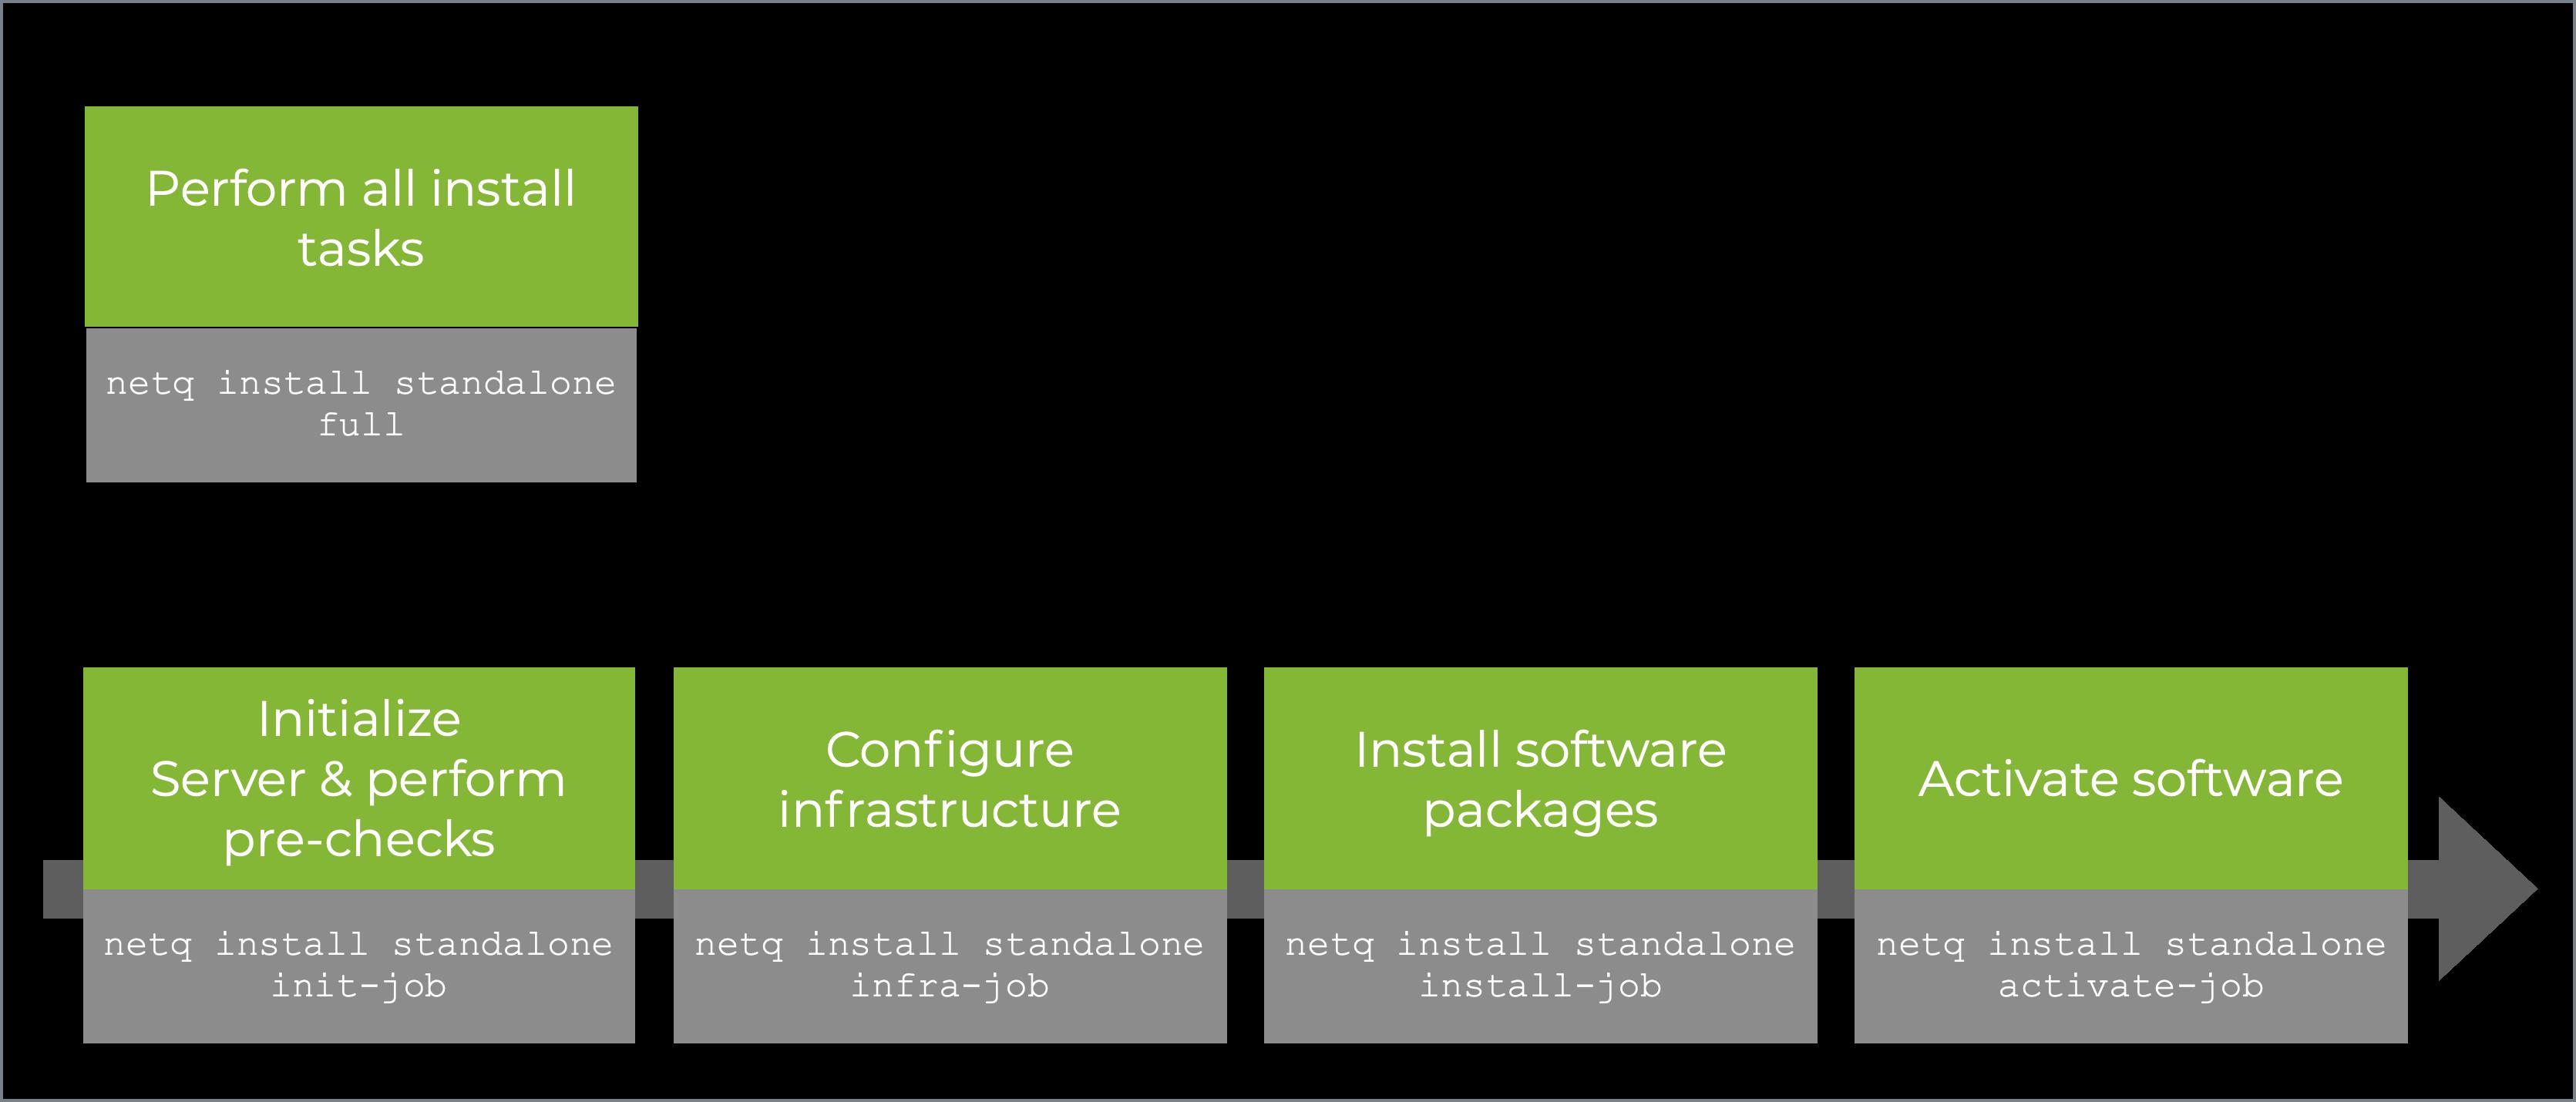 On-premises single server